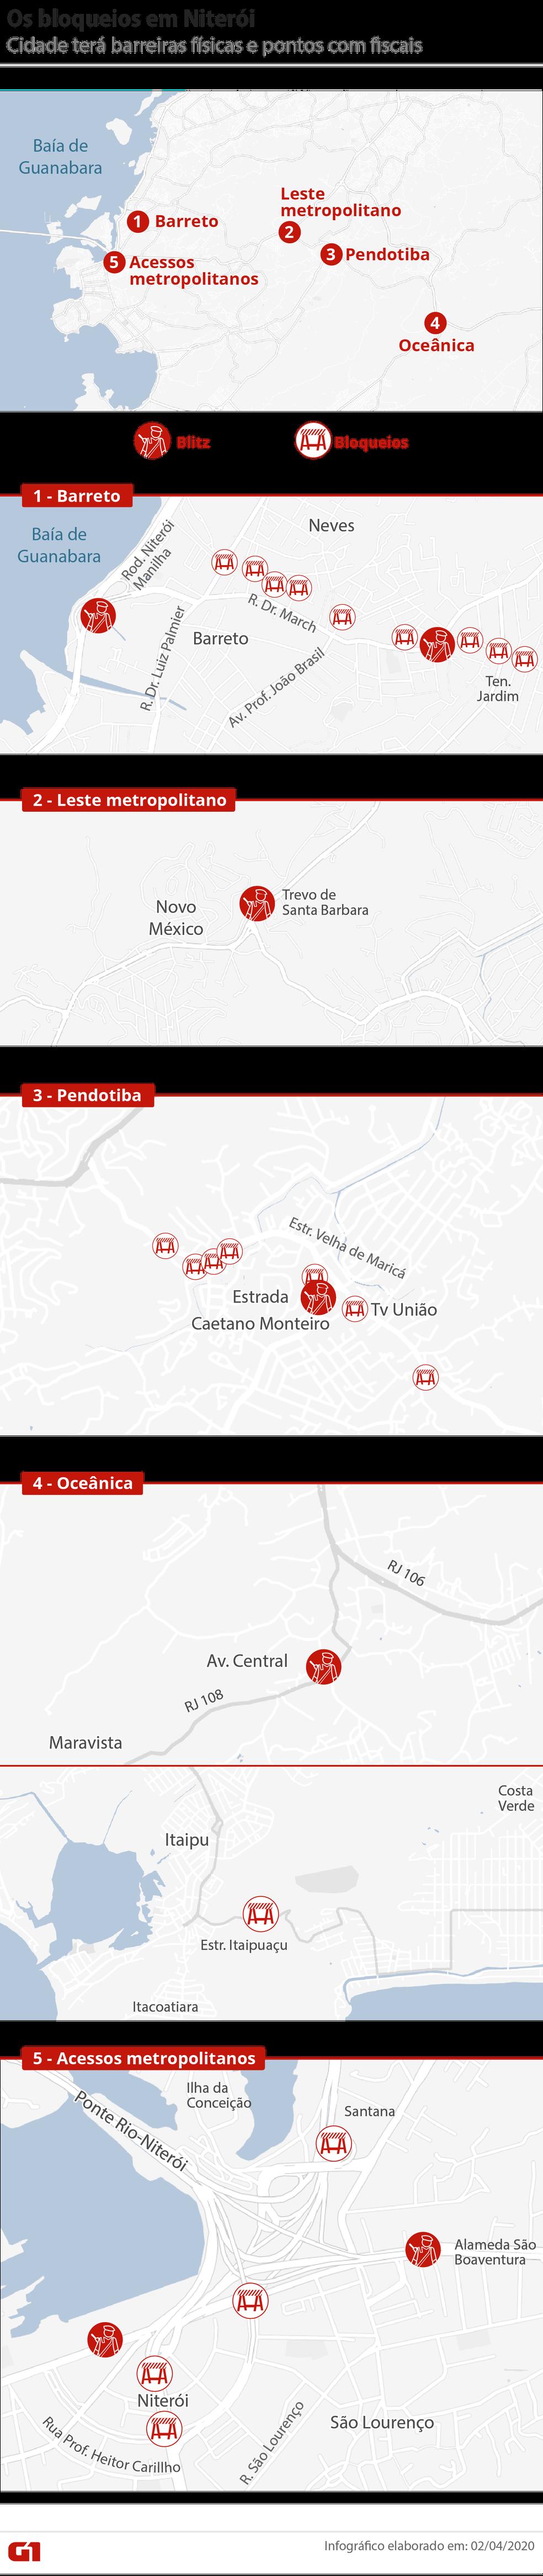 Mapa mostra os bloqueios em Niterói — Foto: Infografia: Wagner Magalhães/G1